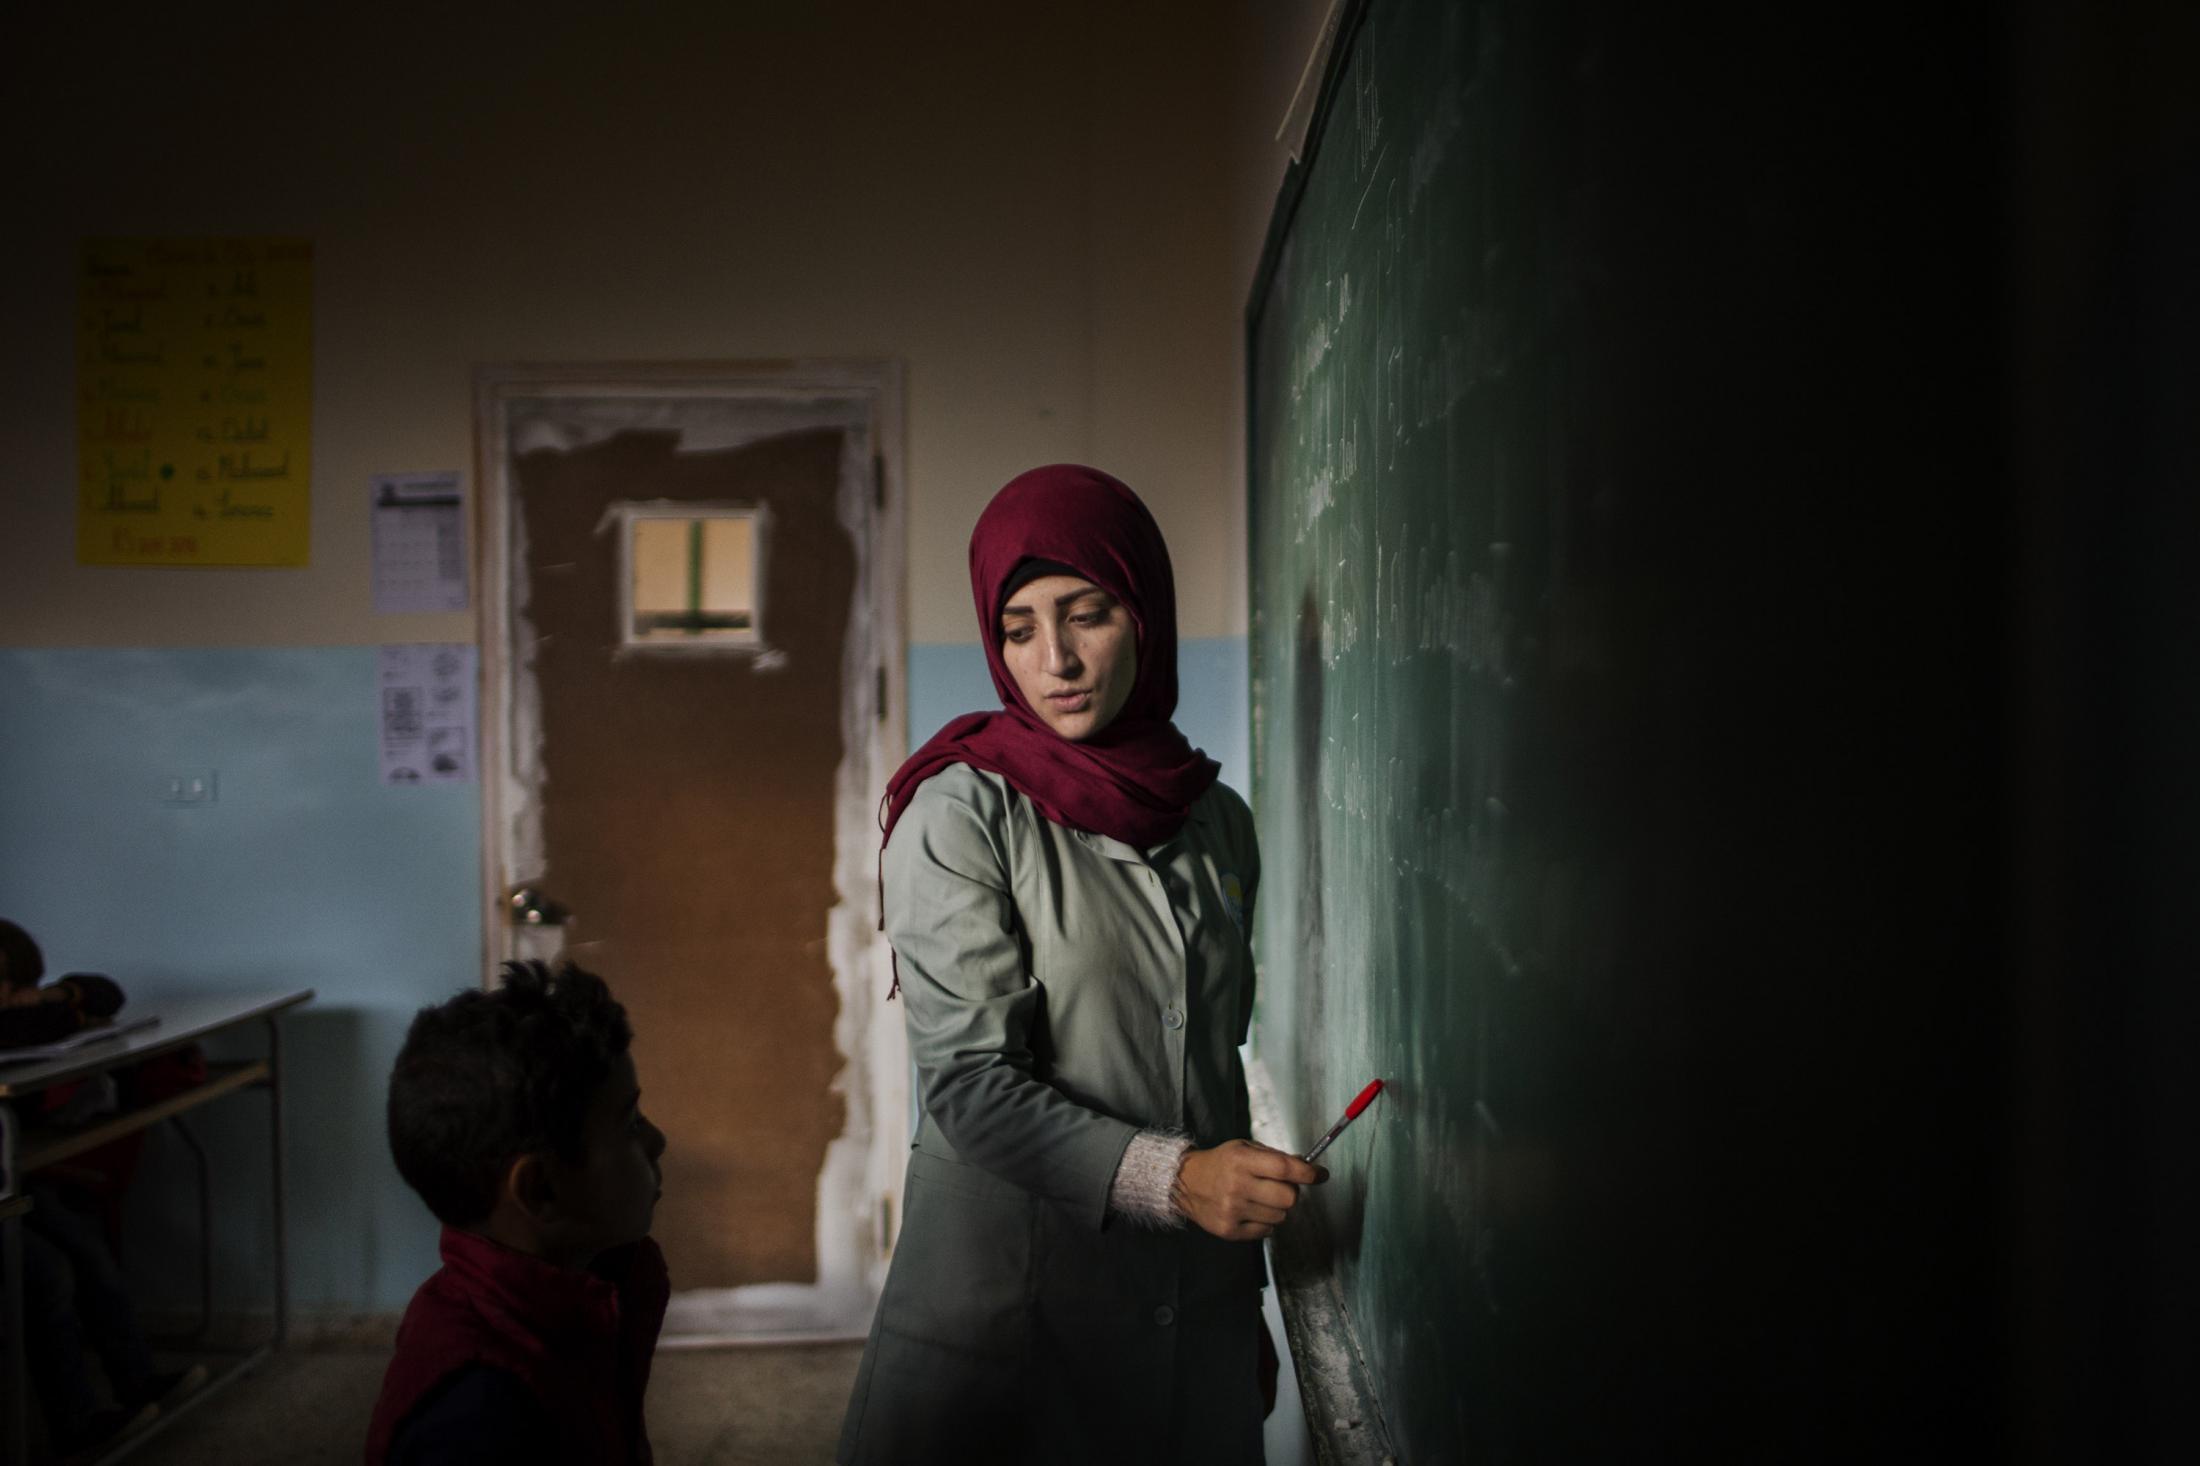 Hijacked Education, Lebanon 2017.